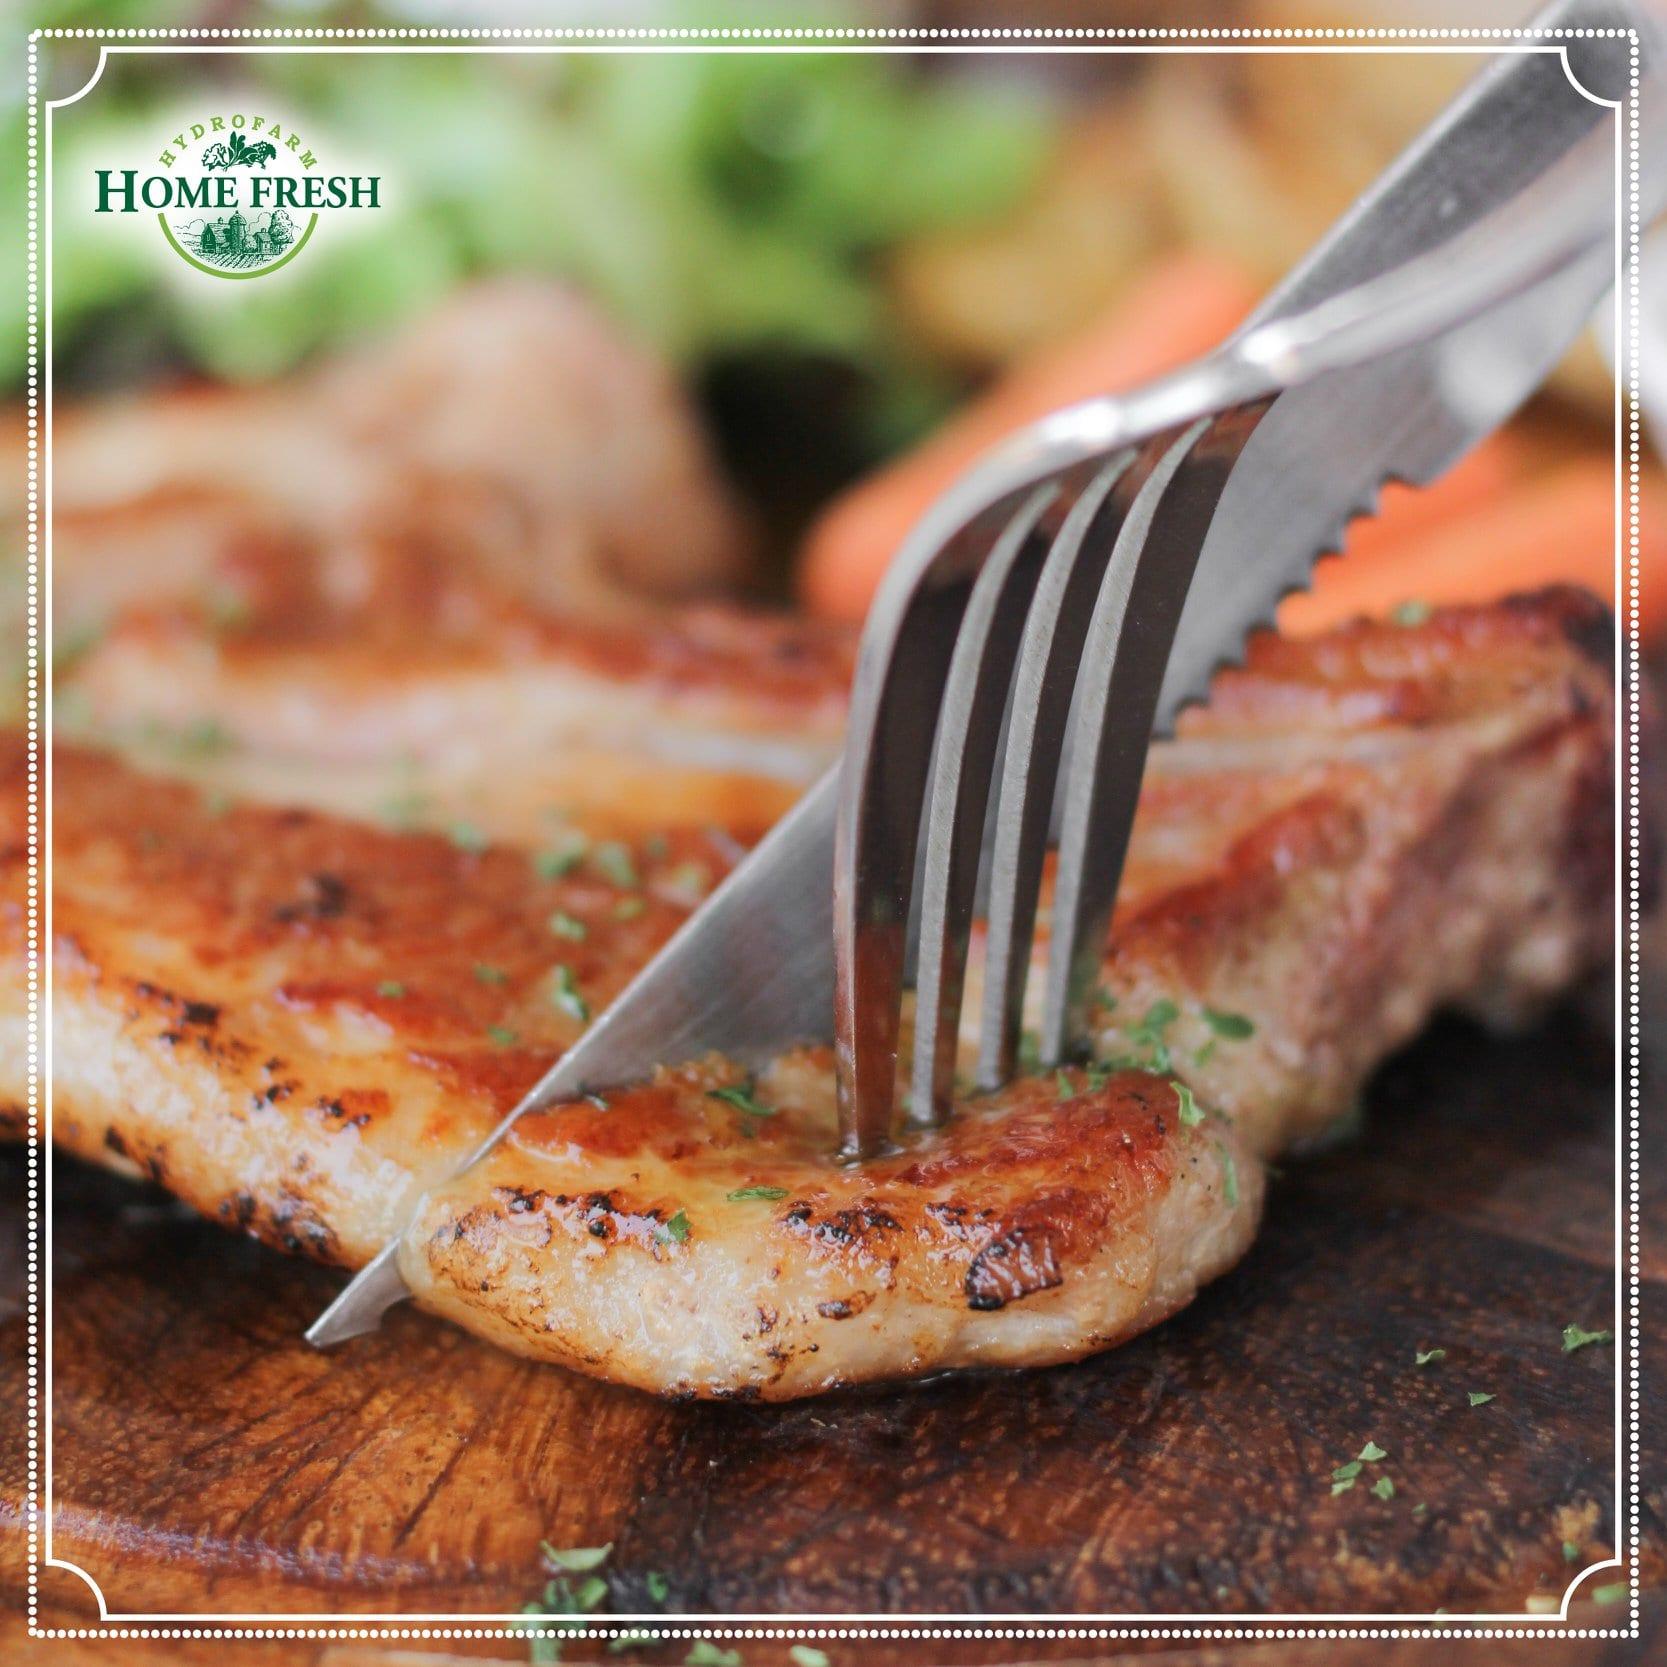 เมนูอาหารคลีน อกไก่ อาหารคลีนง่ายๆ งบน้อย อาหารคลีน อาหารคลีนคือ